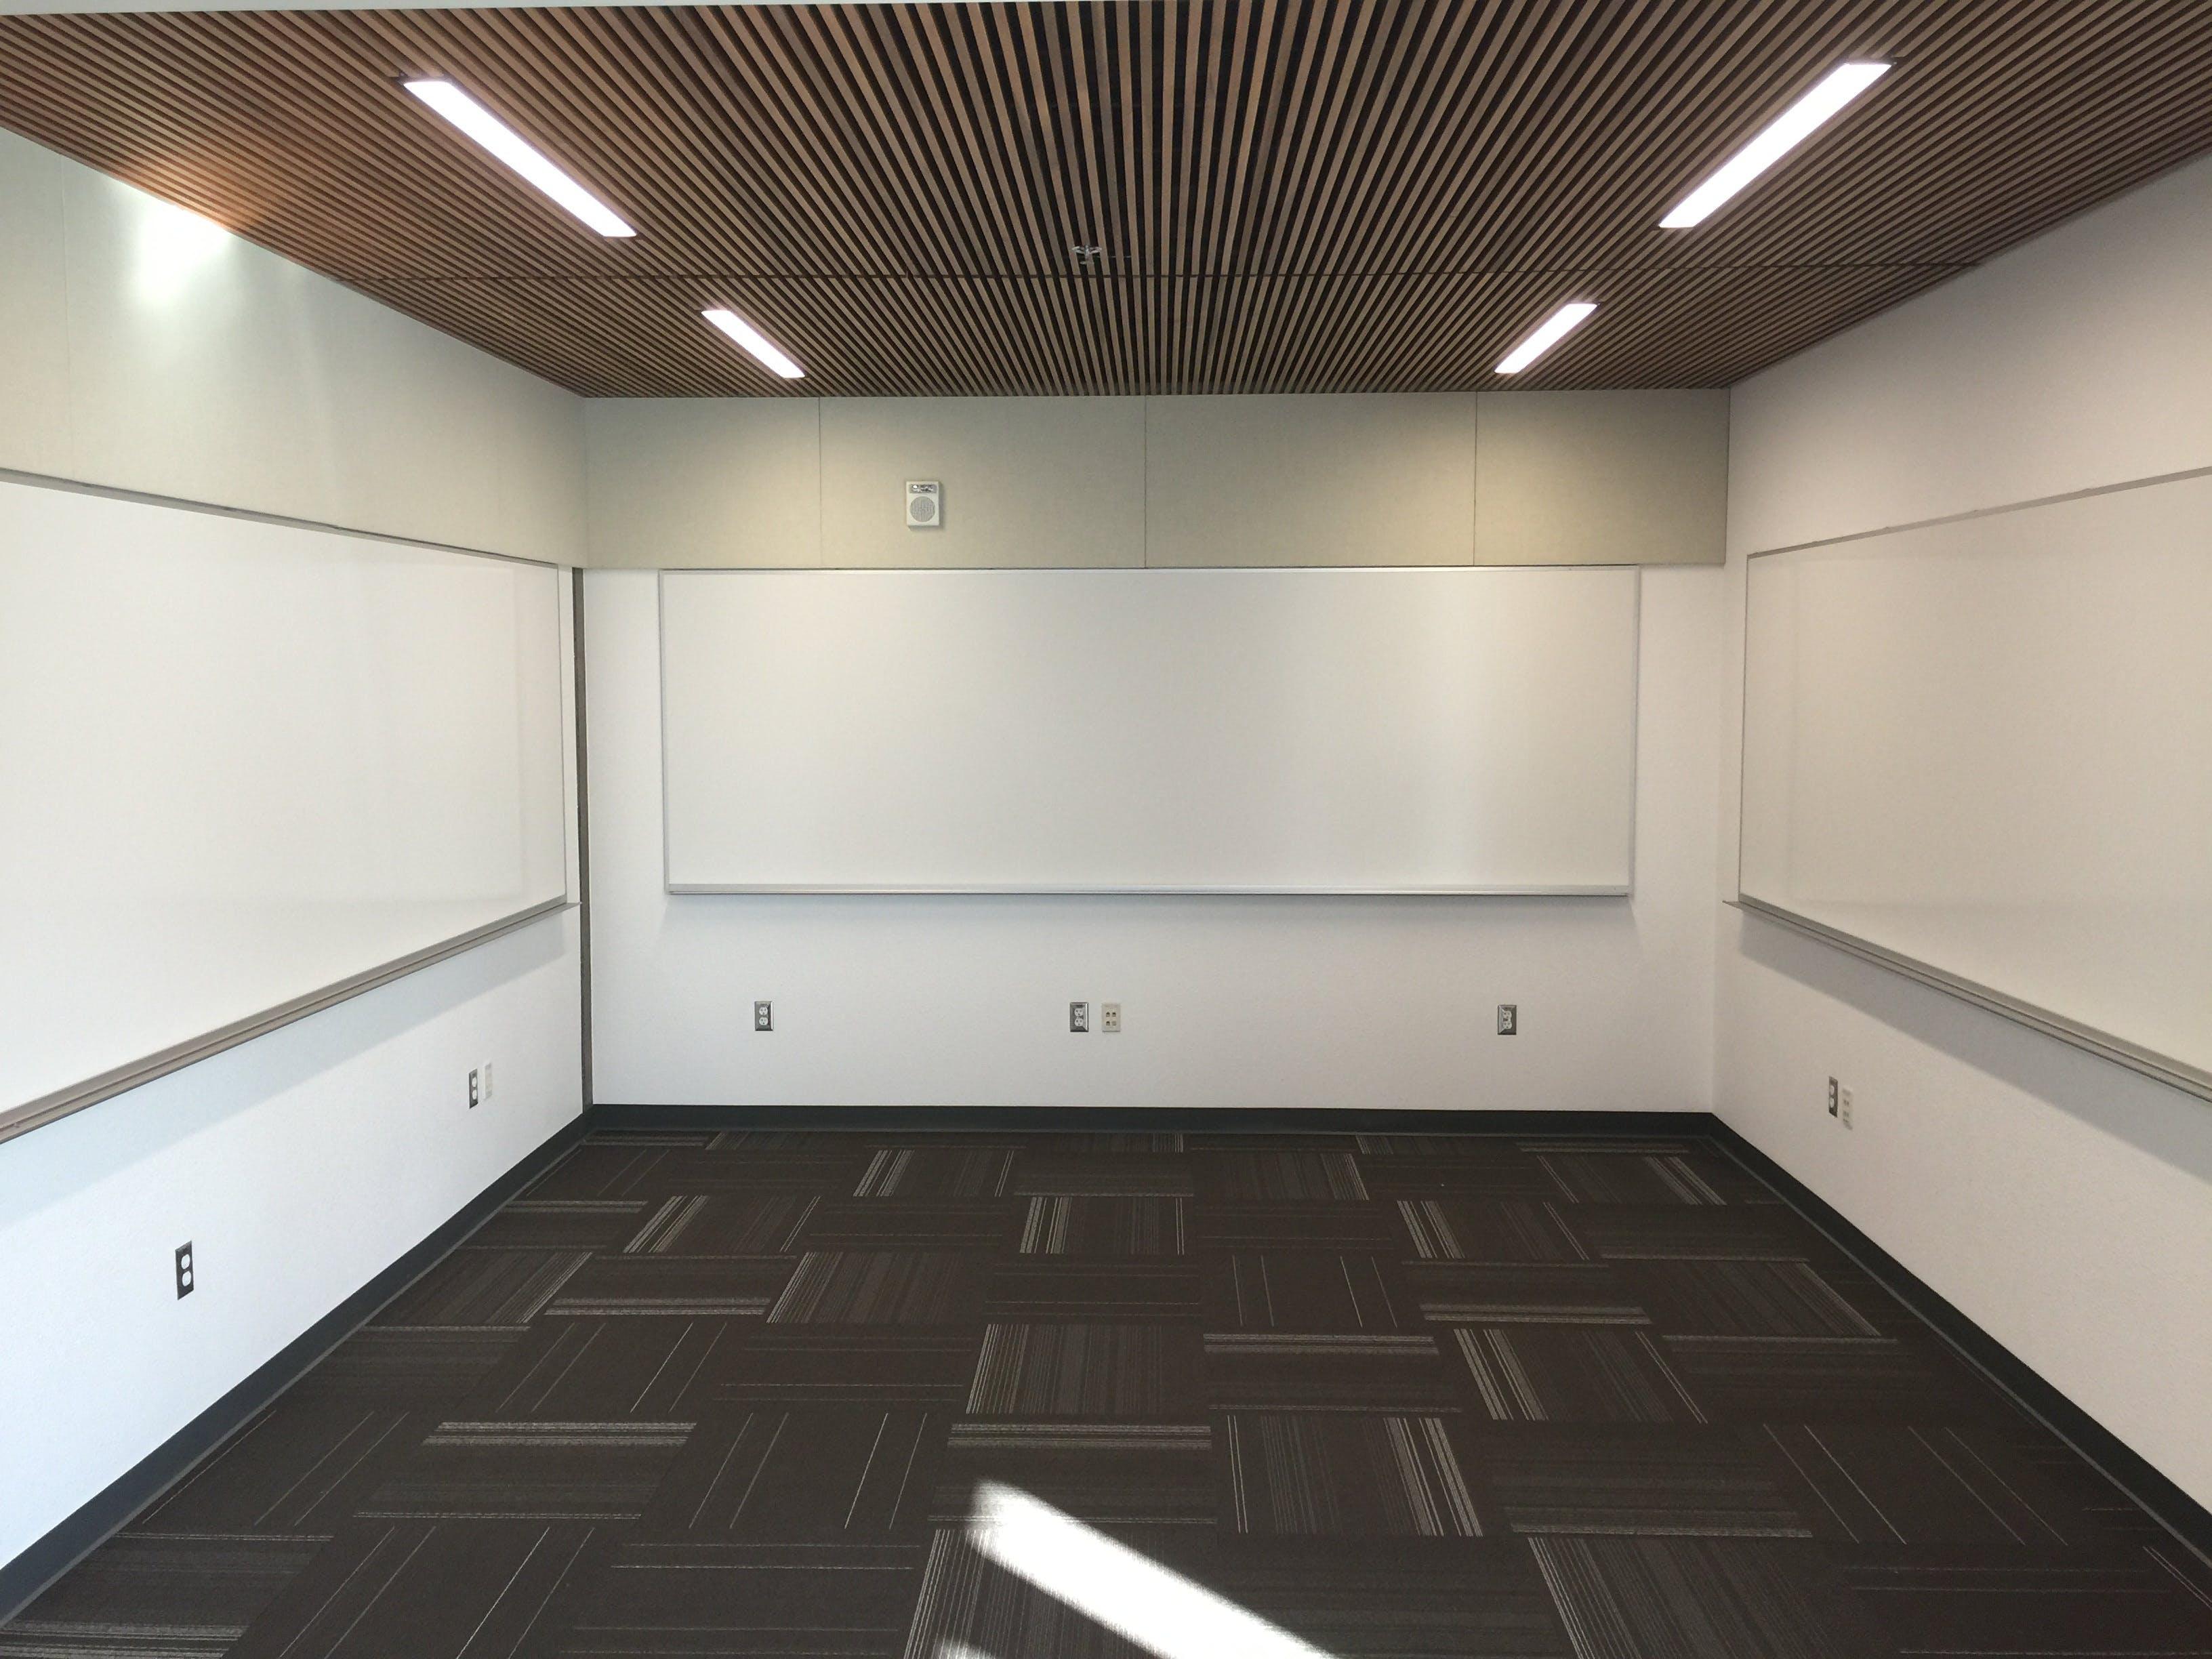 Darmowe zdjęcie z galerii z podłoga, pokój, pusty, sufit